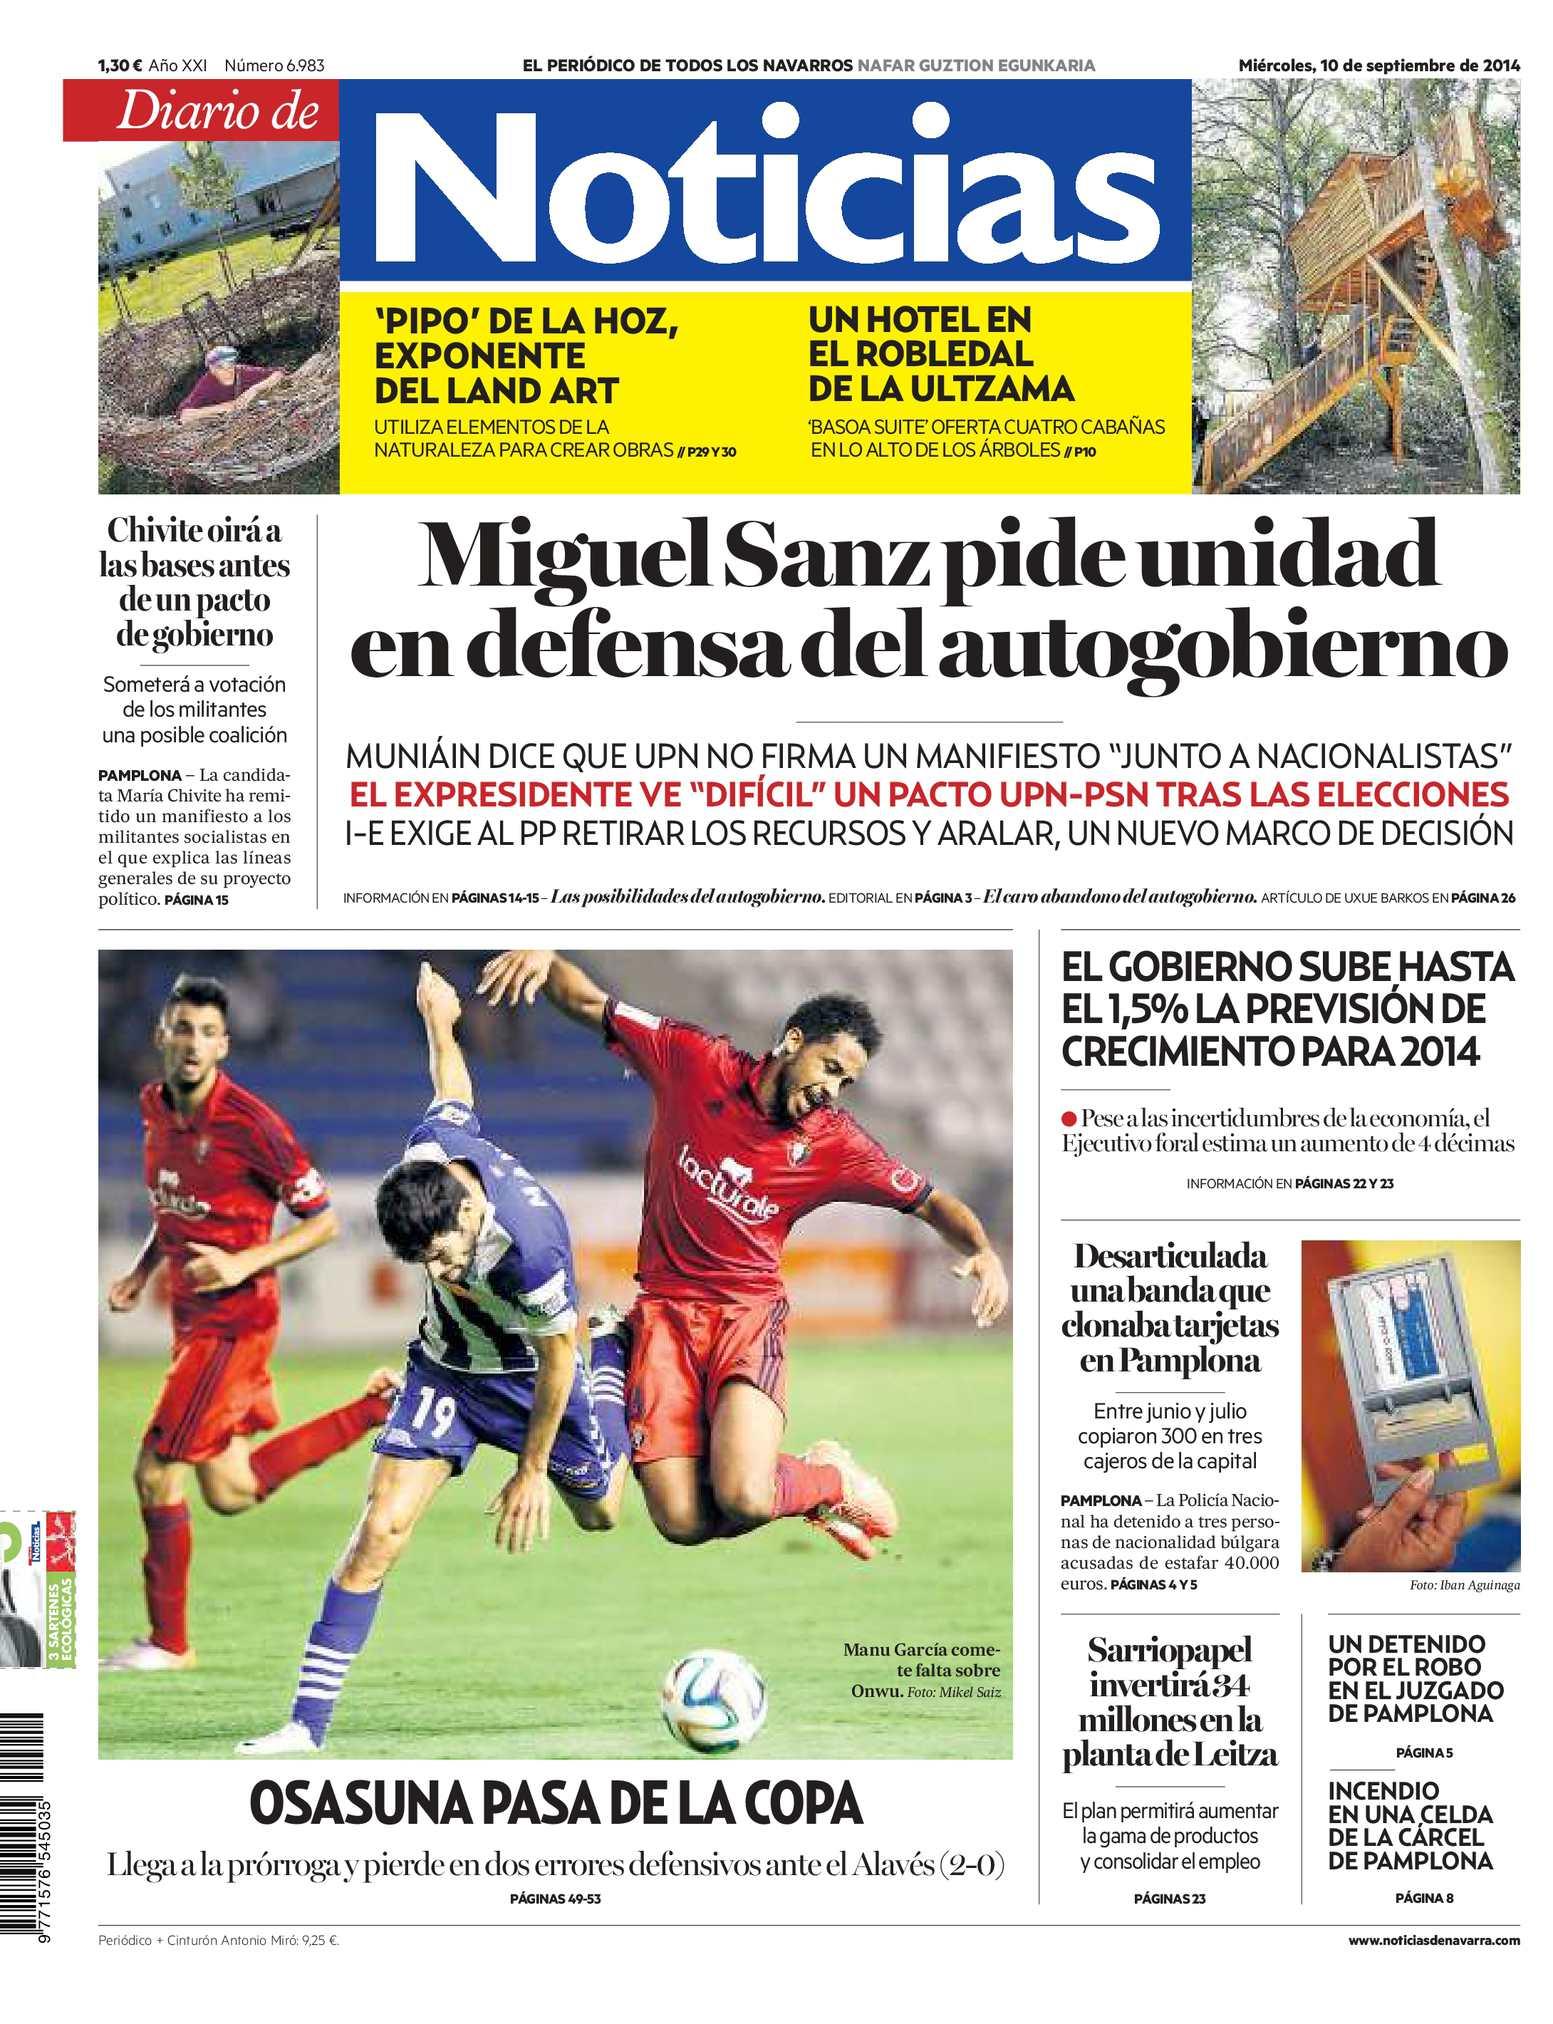 Calaméo - Diario de Noticias 20140910